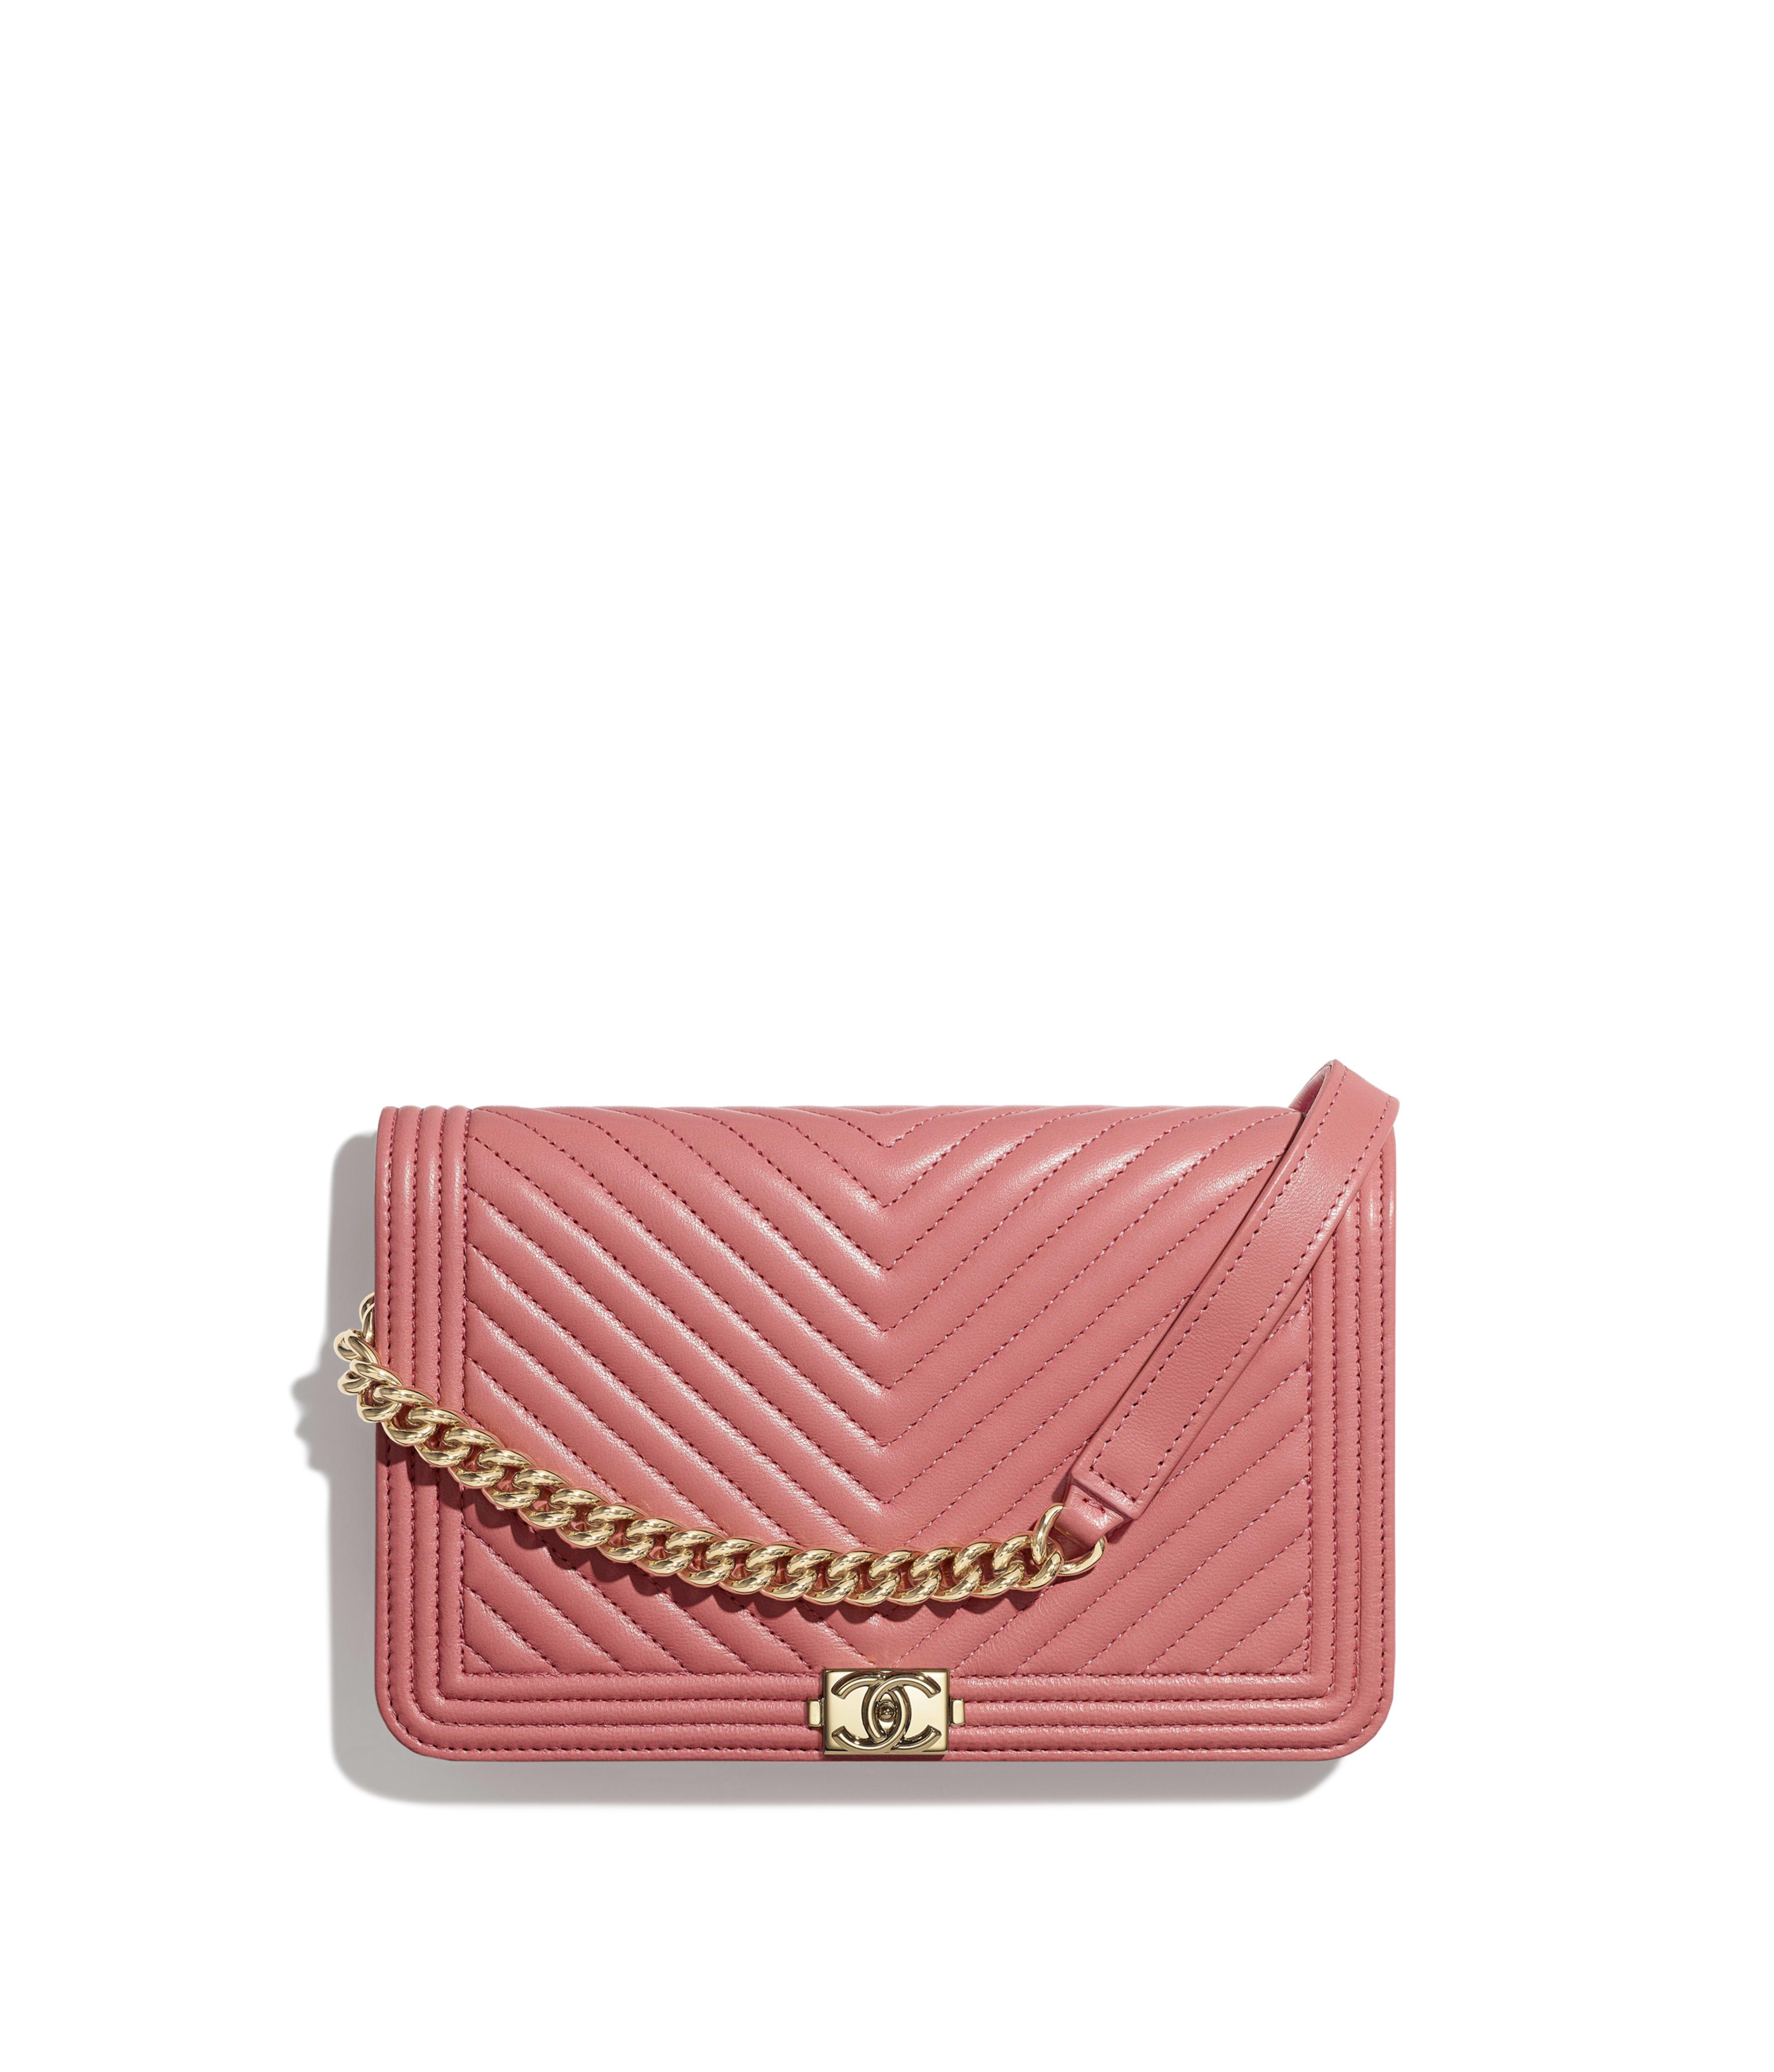 9d2d90814704 BOY CHANEL Wallet on Chain Lambskin & Gold-Tone Metal, Pink Ref.  A81969B00635N4704